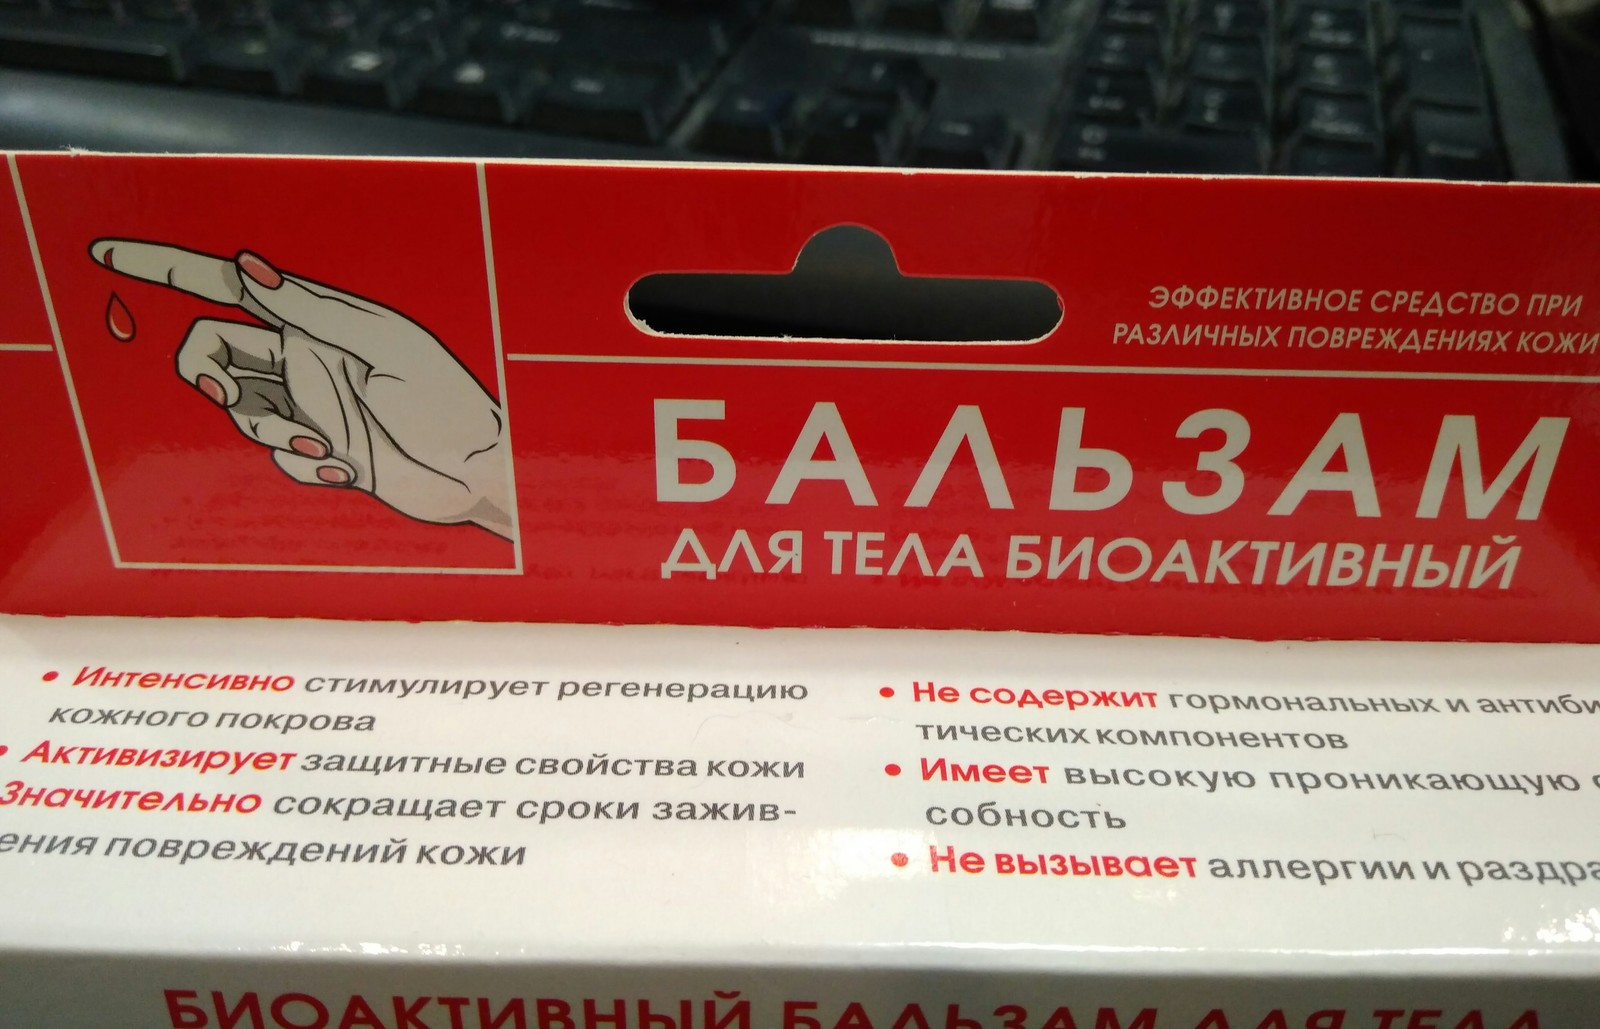 delal-massazh-i-ne-smog-sderzhatsya-devushka-soset-huy-video-russkoe